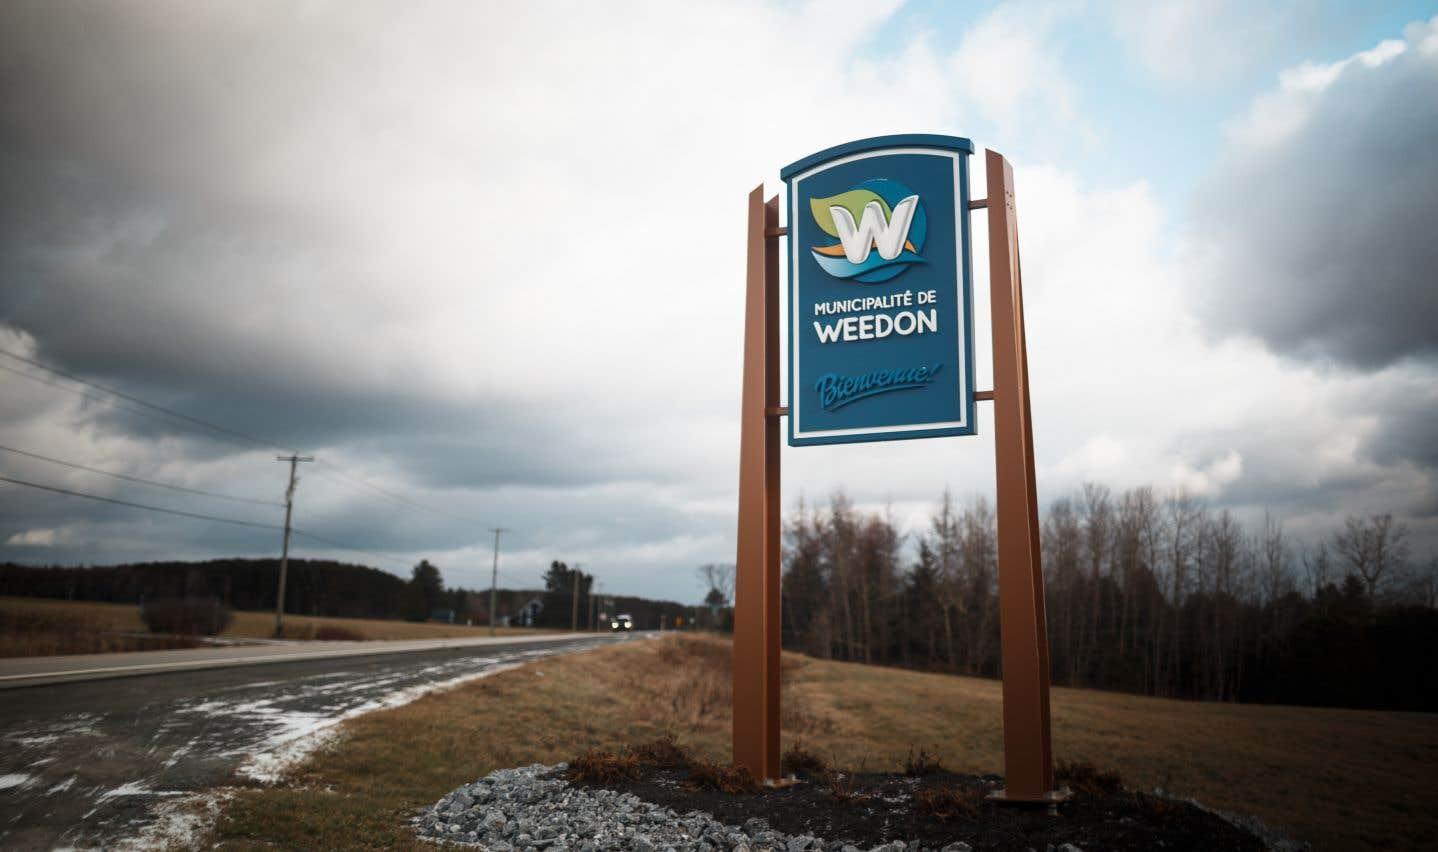 Weedon, la municipalité qui rêve de devenir la capitale du cannabis